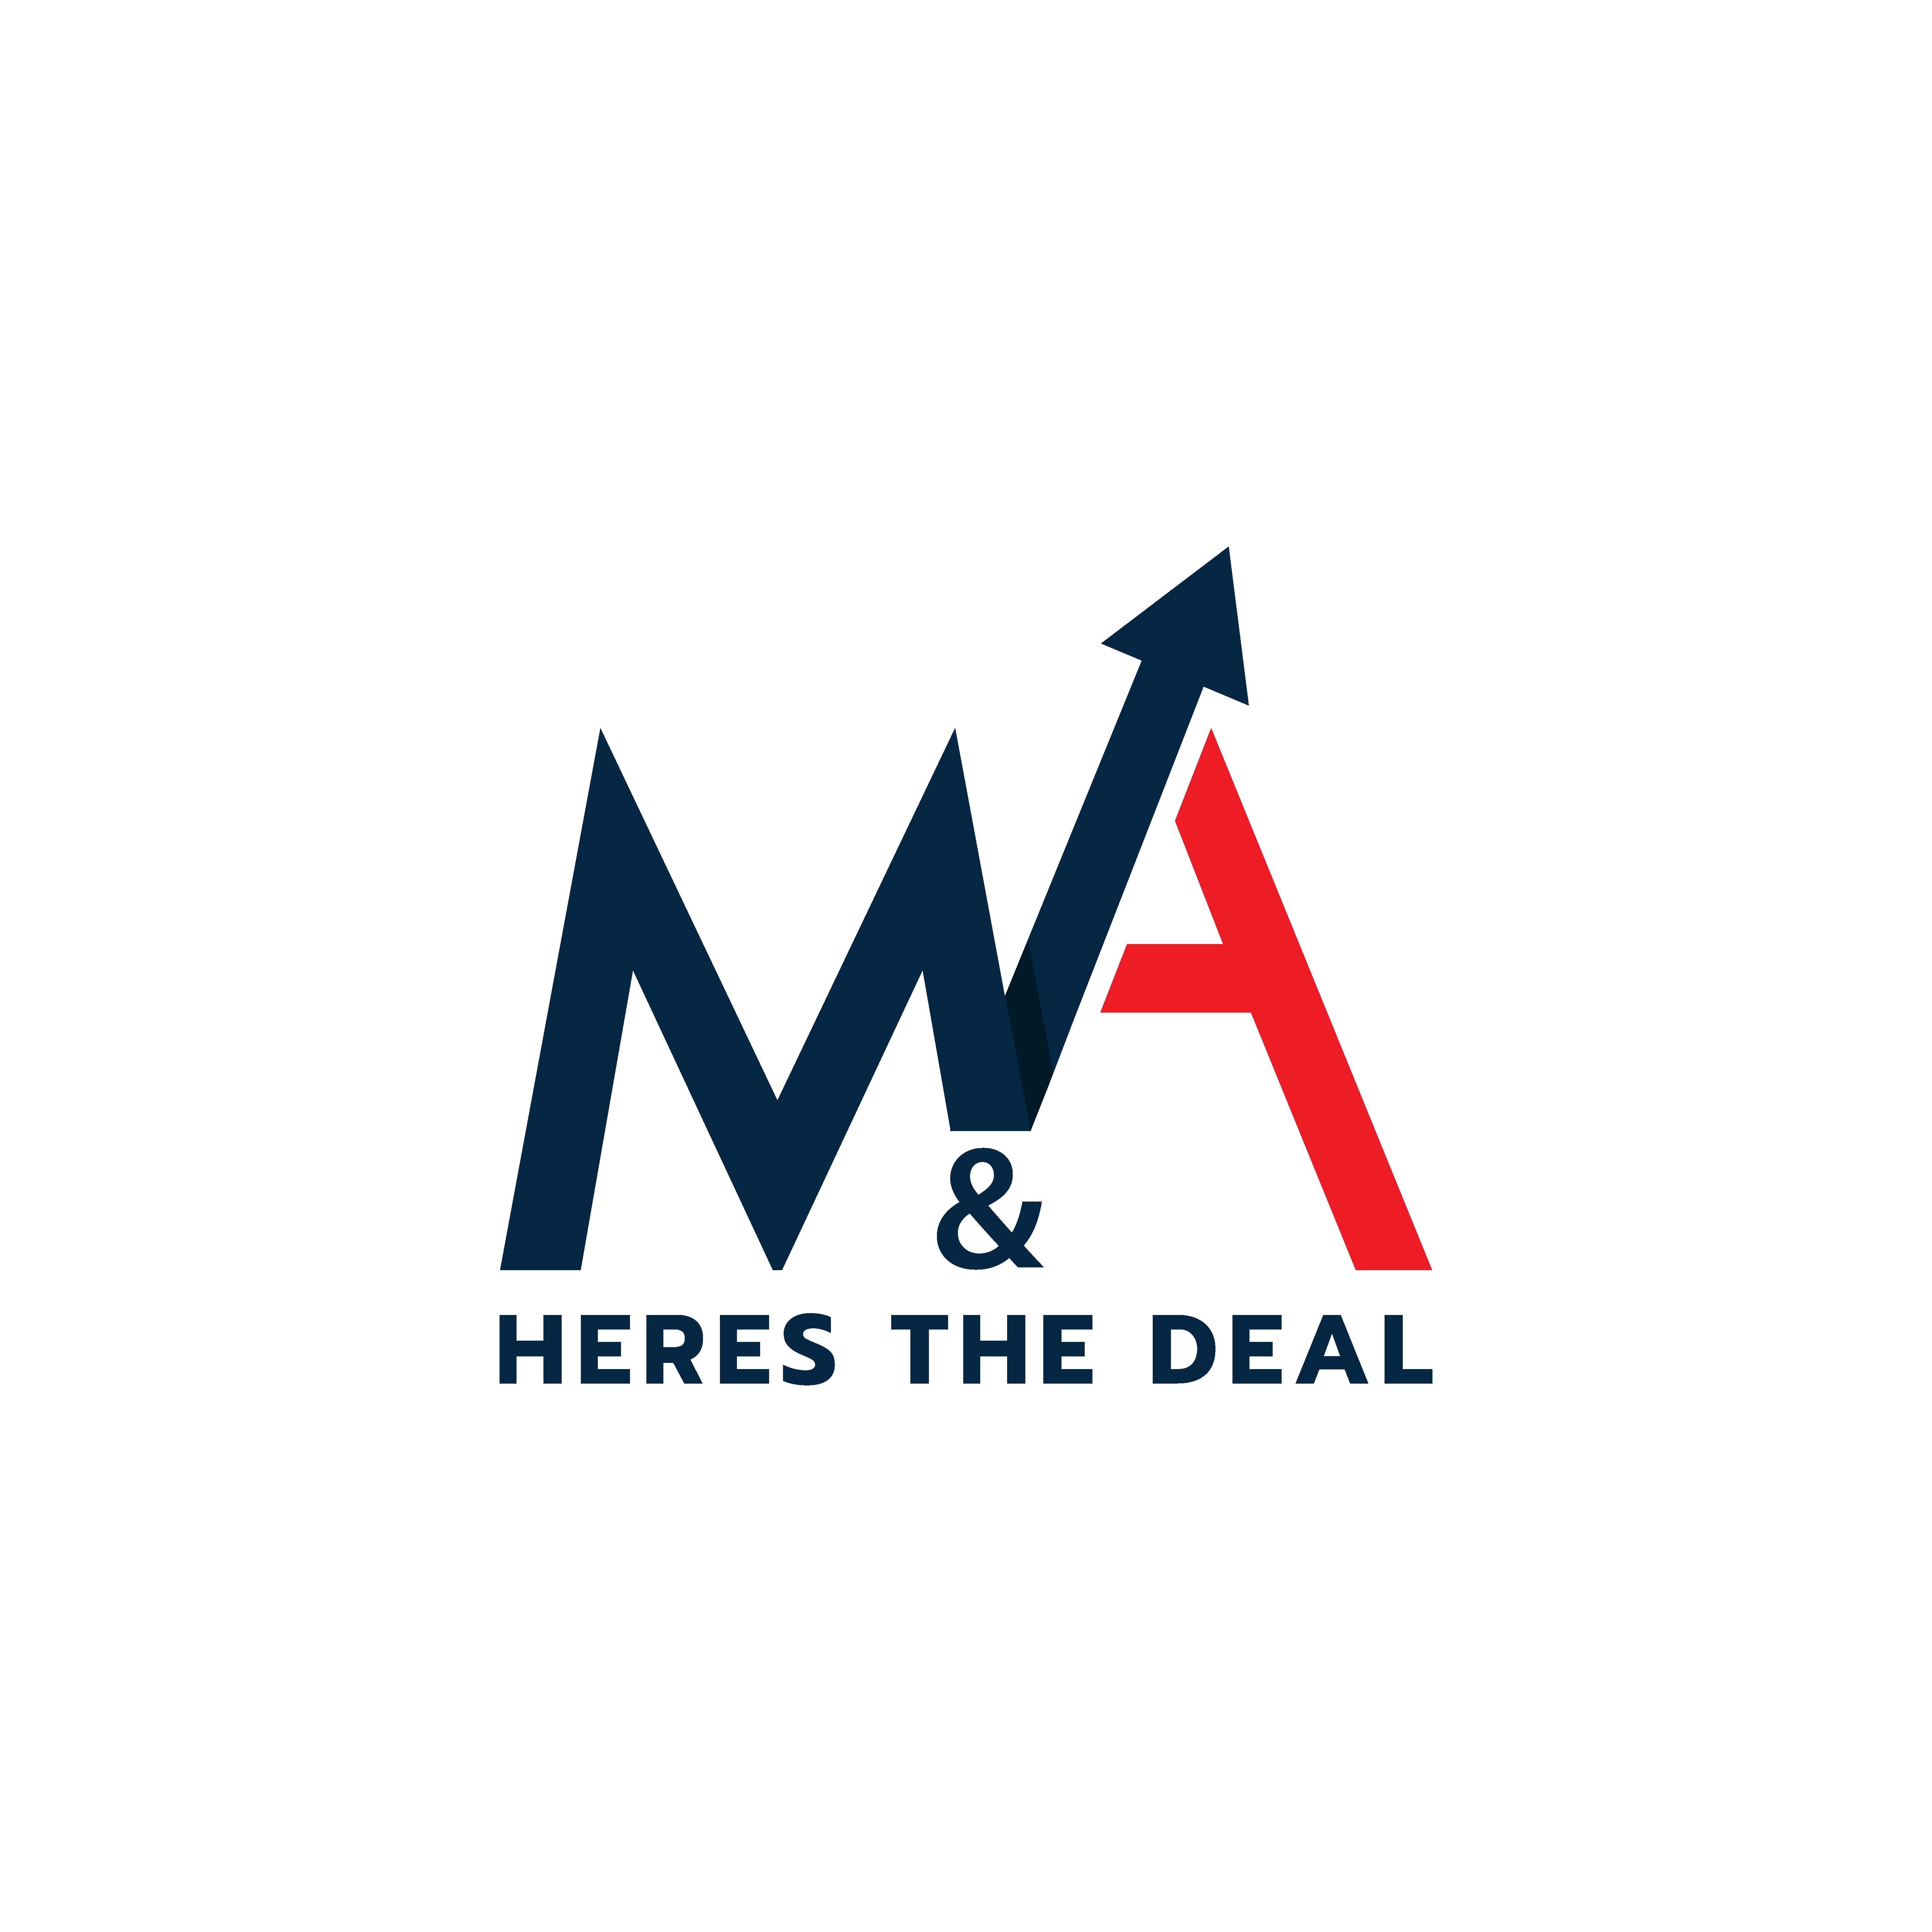 Finance Podcast powerful new logo